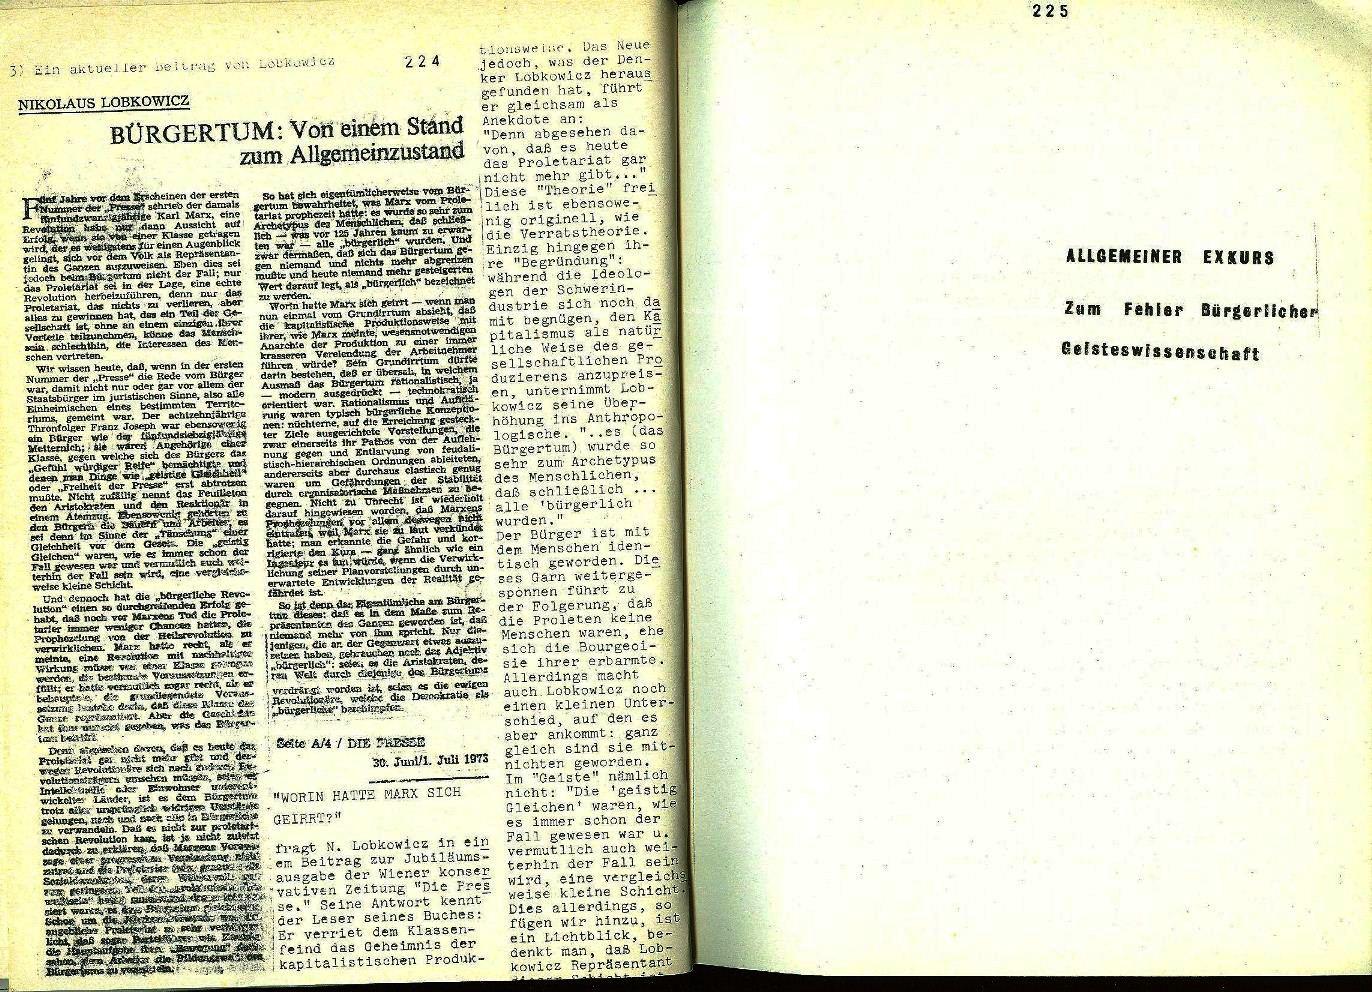 Muenchen_AK_Sozialistisches_Studium117